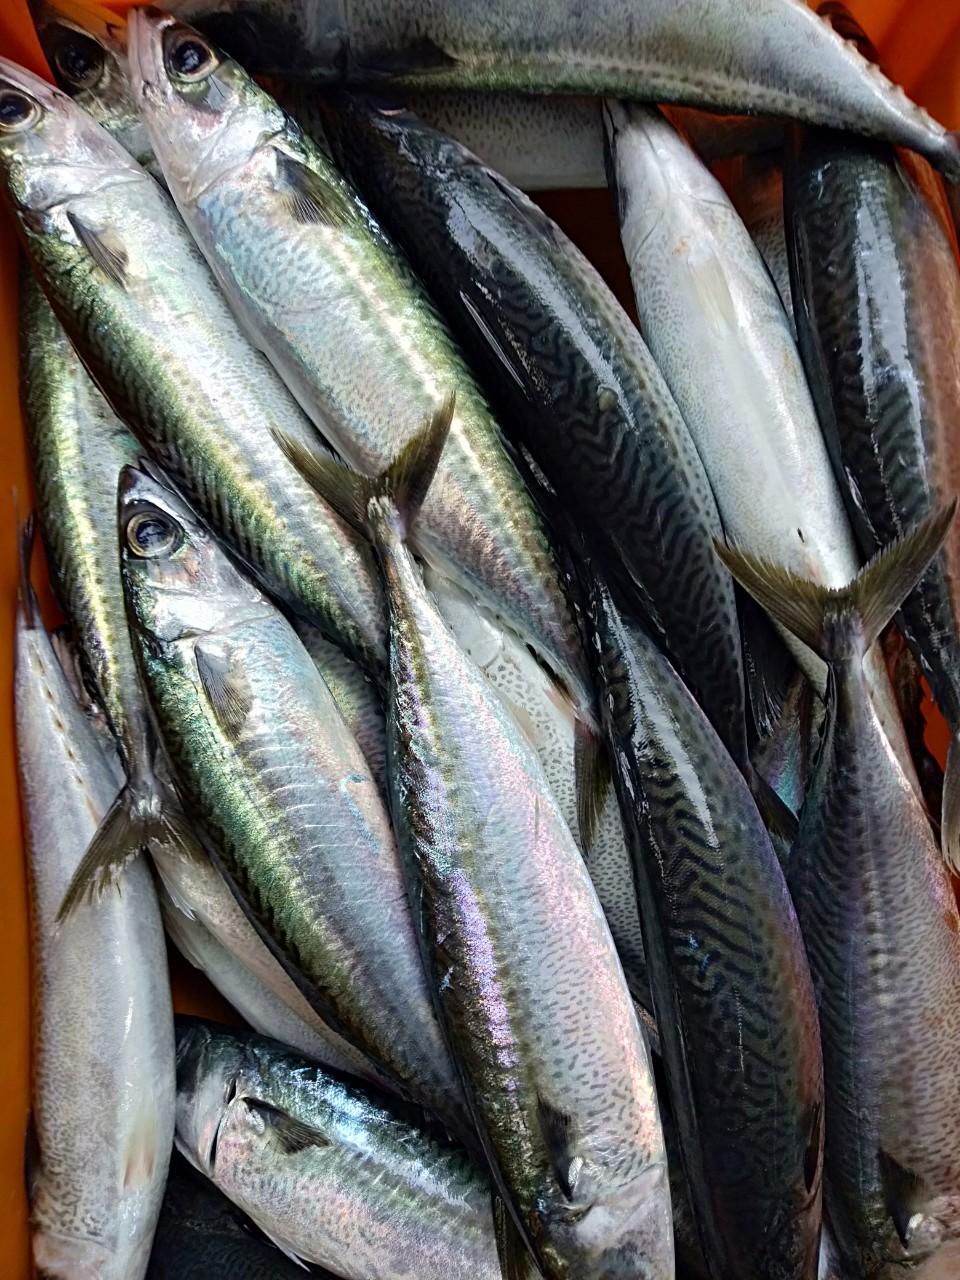 dinh dưỡng của cá nục